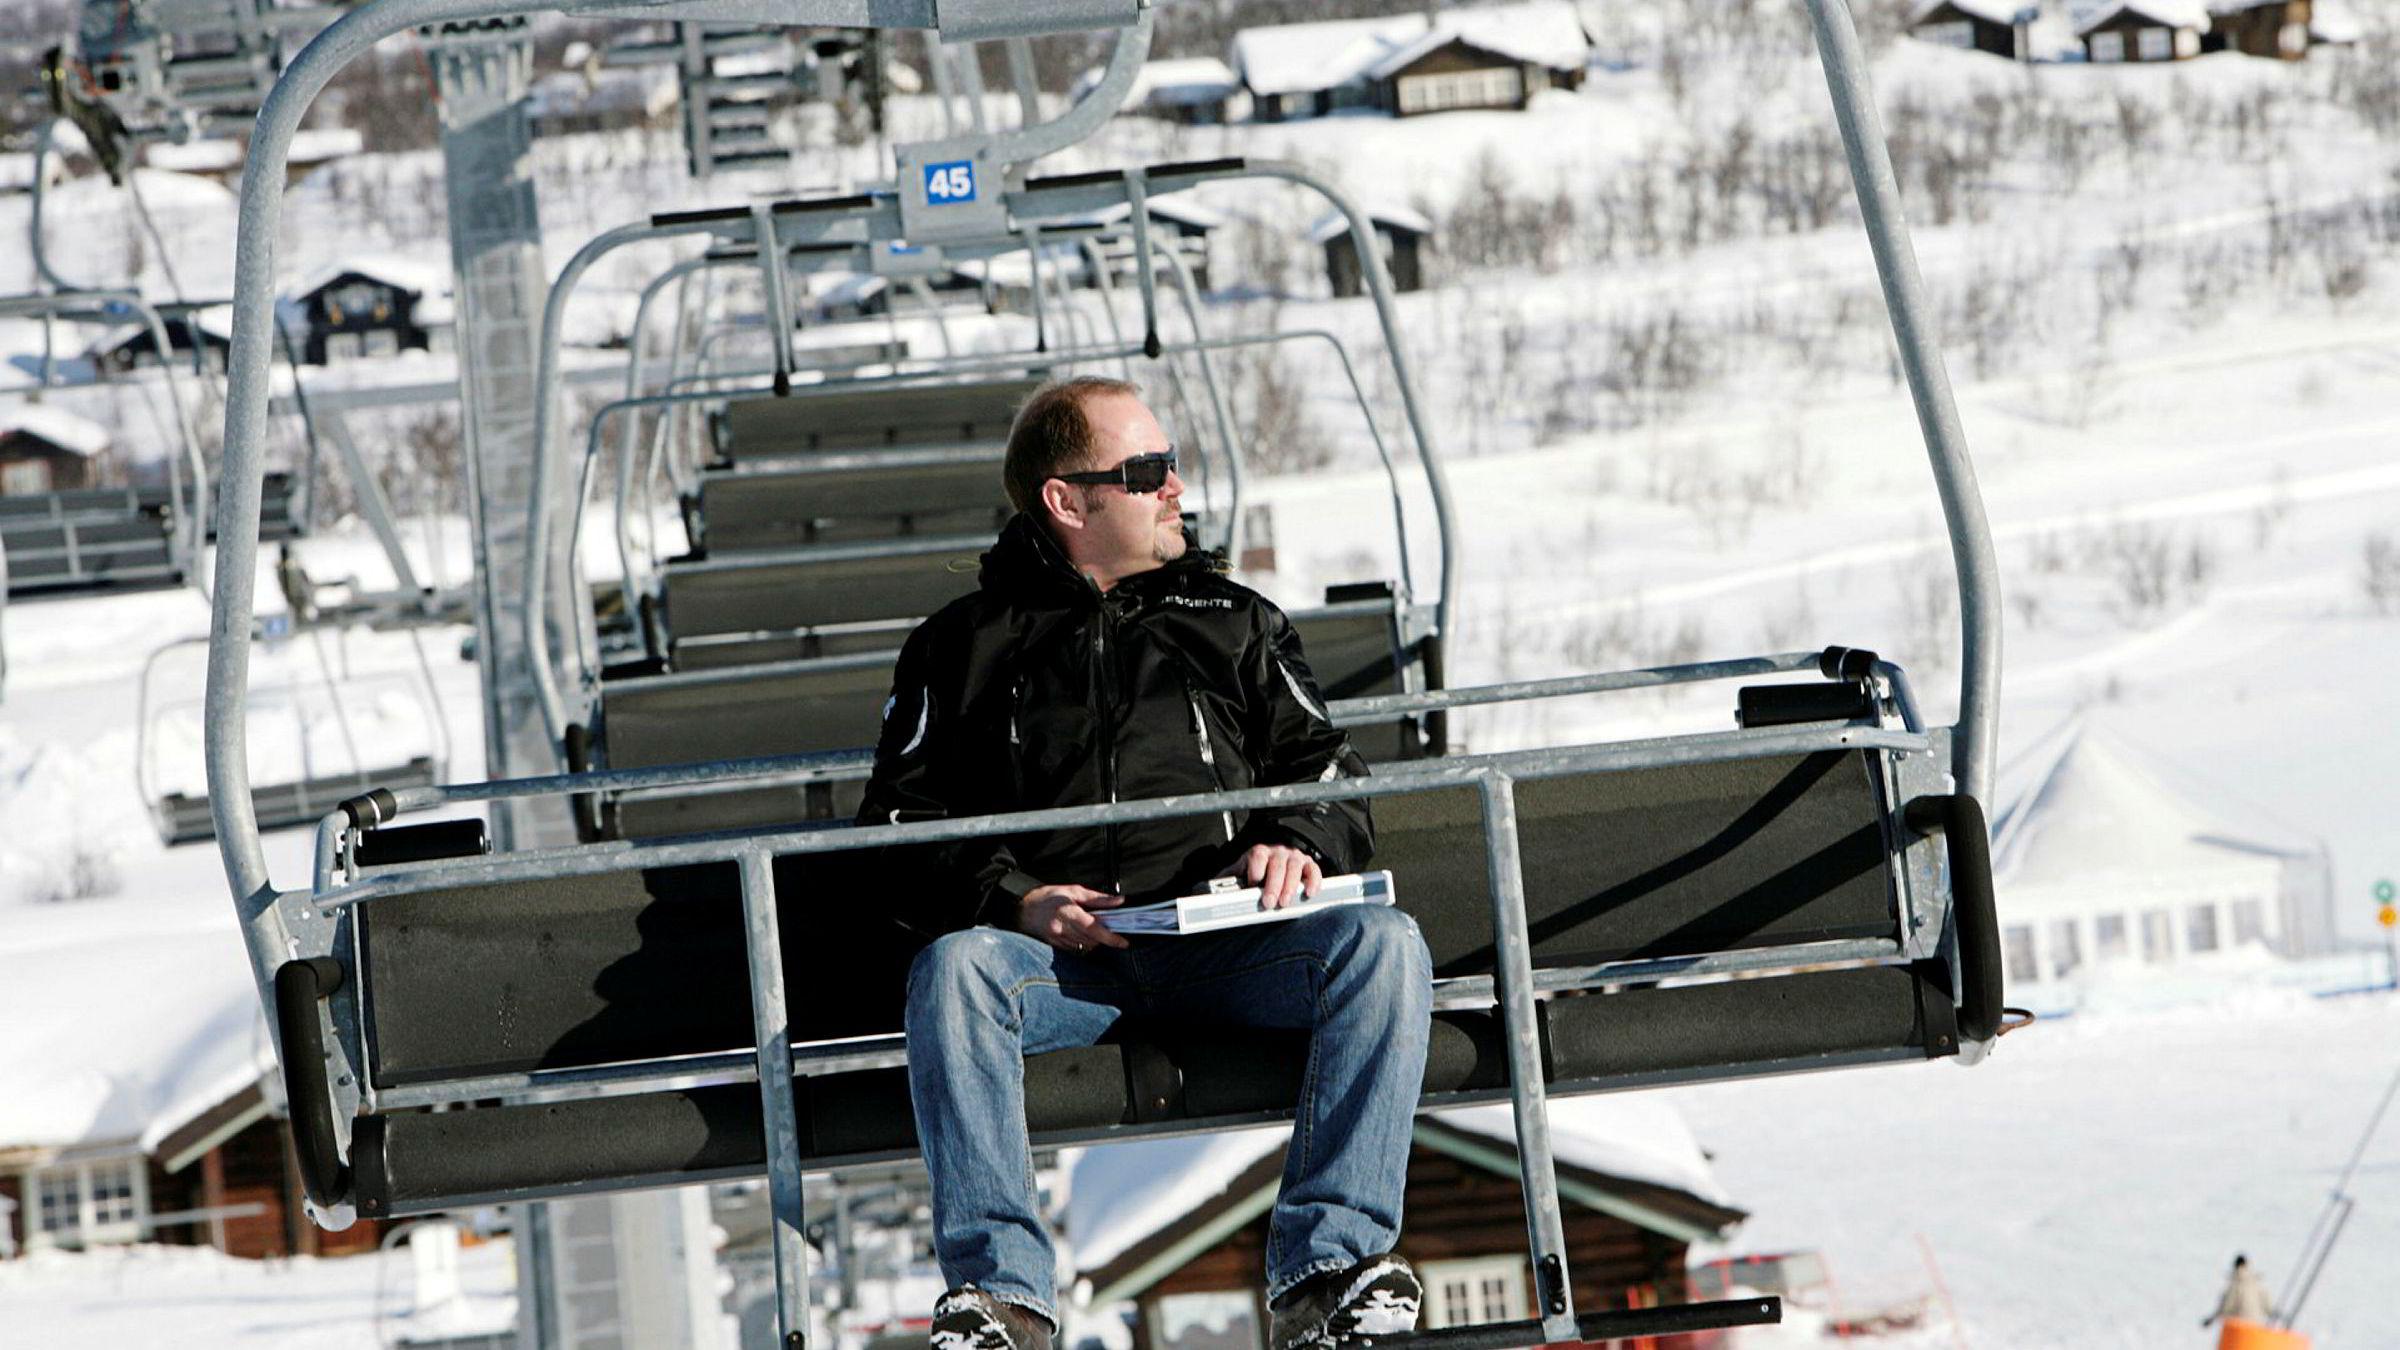 Eiendomsutvikler Arne Pålgardhaugen sier han får tårer i øynene nå som heis og eiendom er samlet etter tiår med uro og stagnasjon.